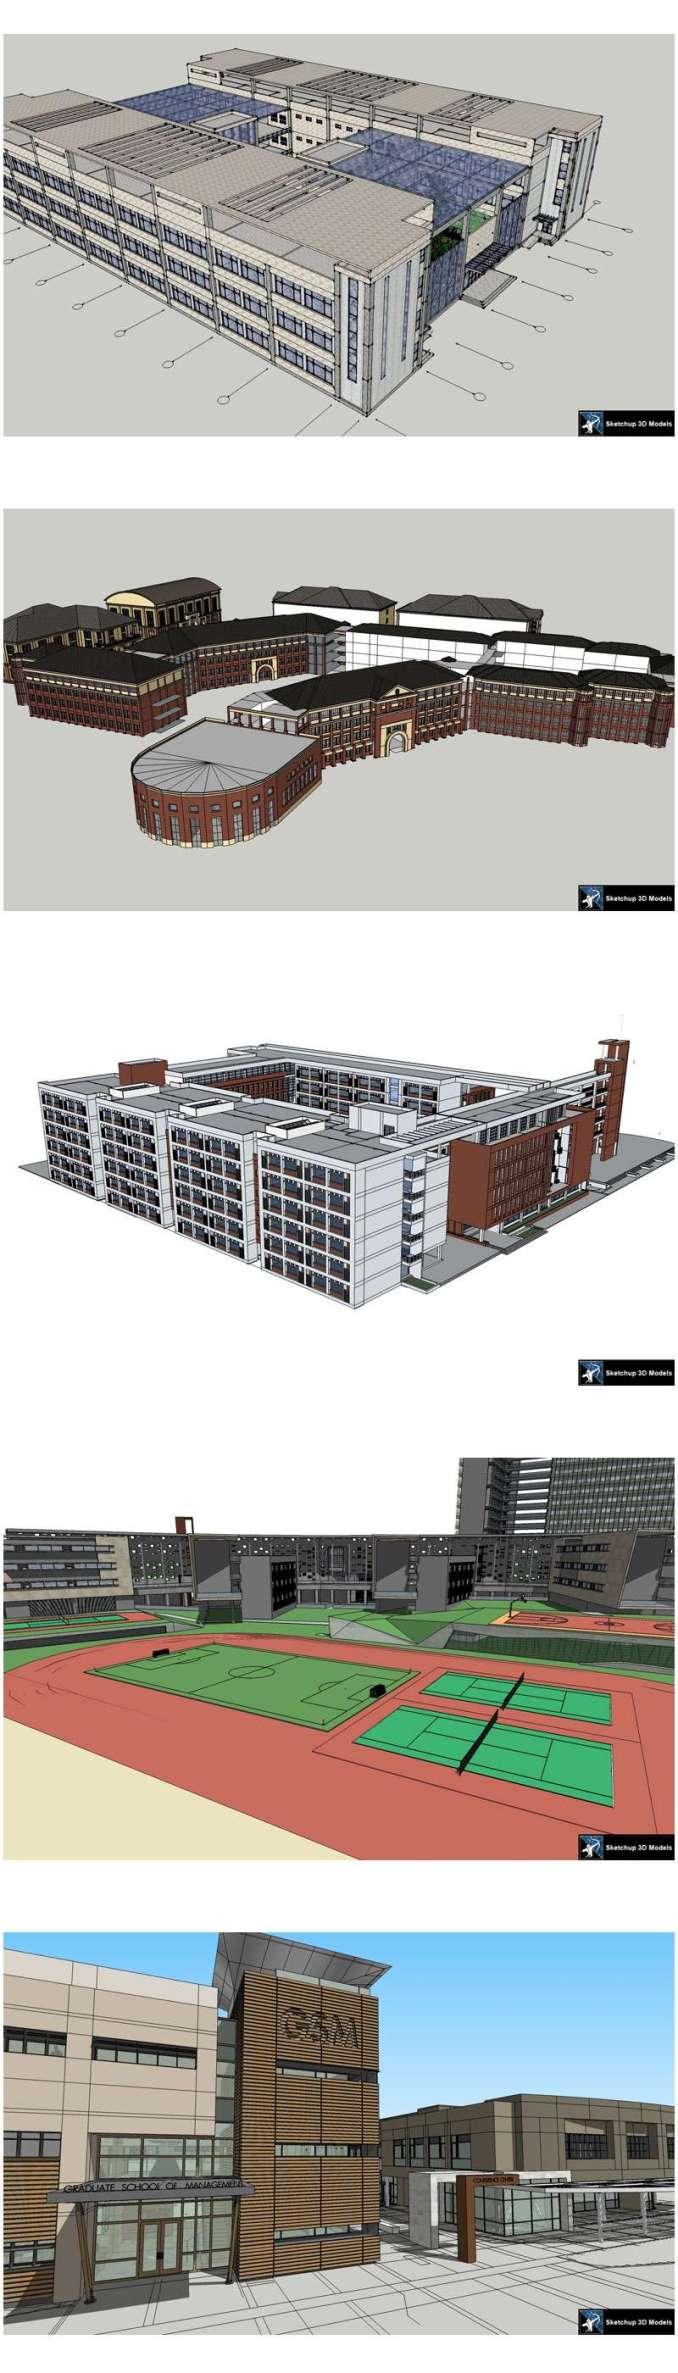 ★【Sketchup 3D Models】20 Types of School Sketchup 3D Models V 6